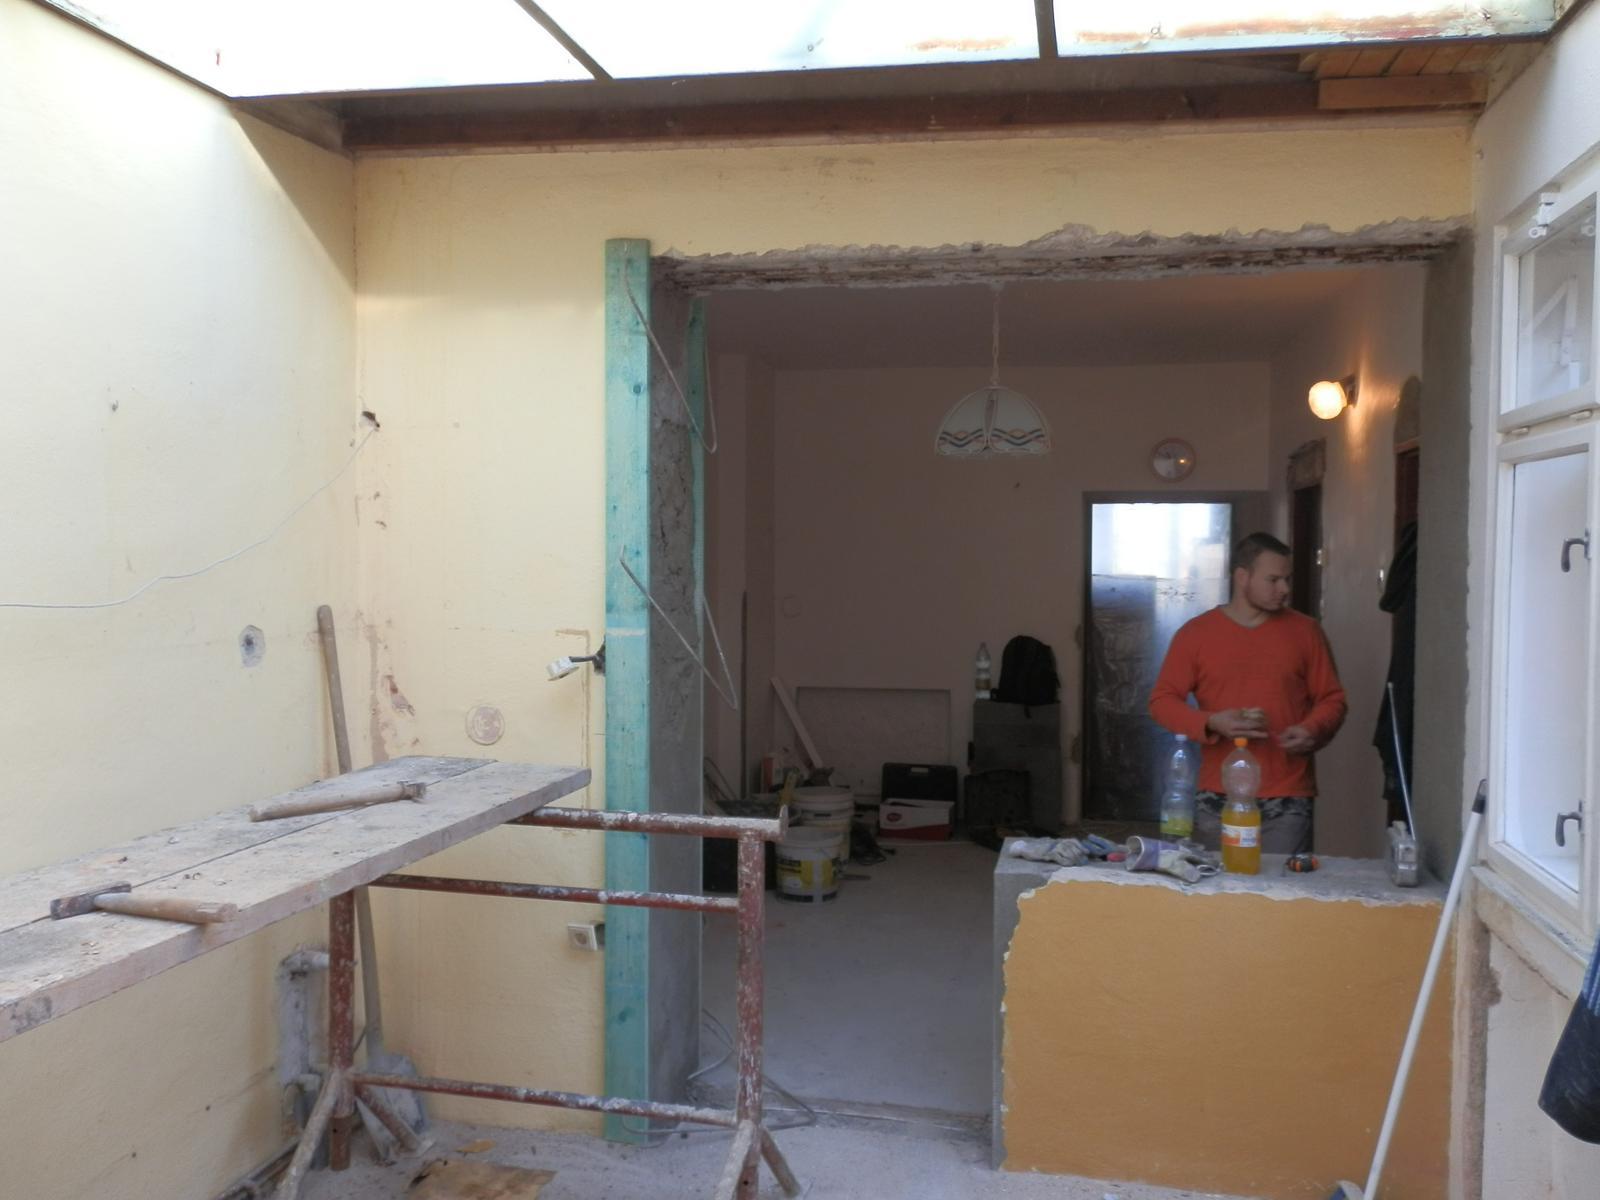 Náš byt v domě- rekonstrukce - Obrázek č. 37